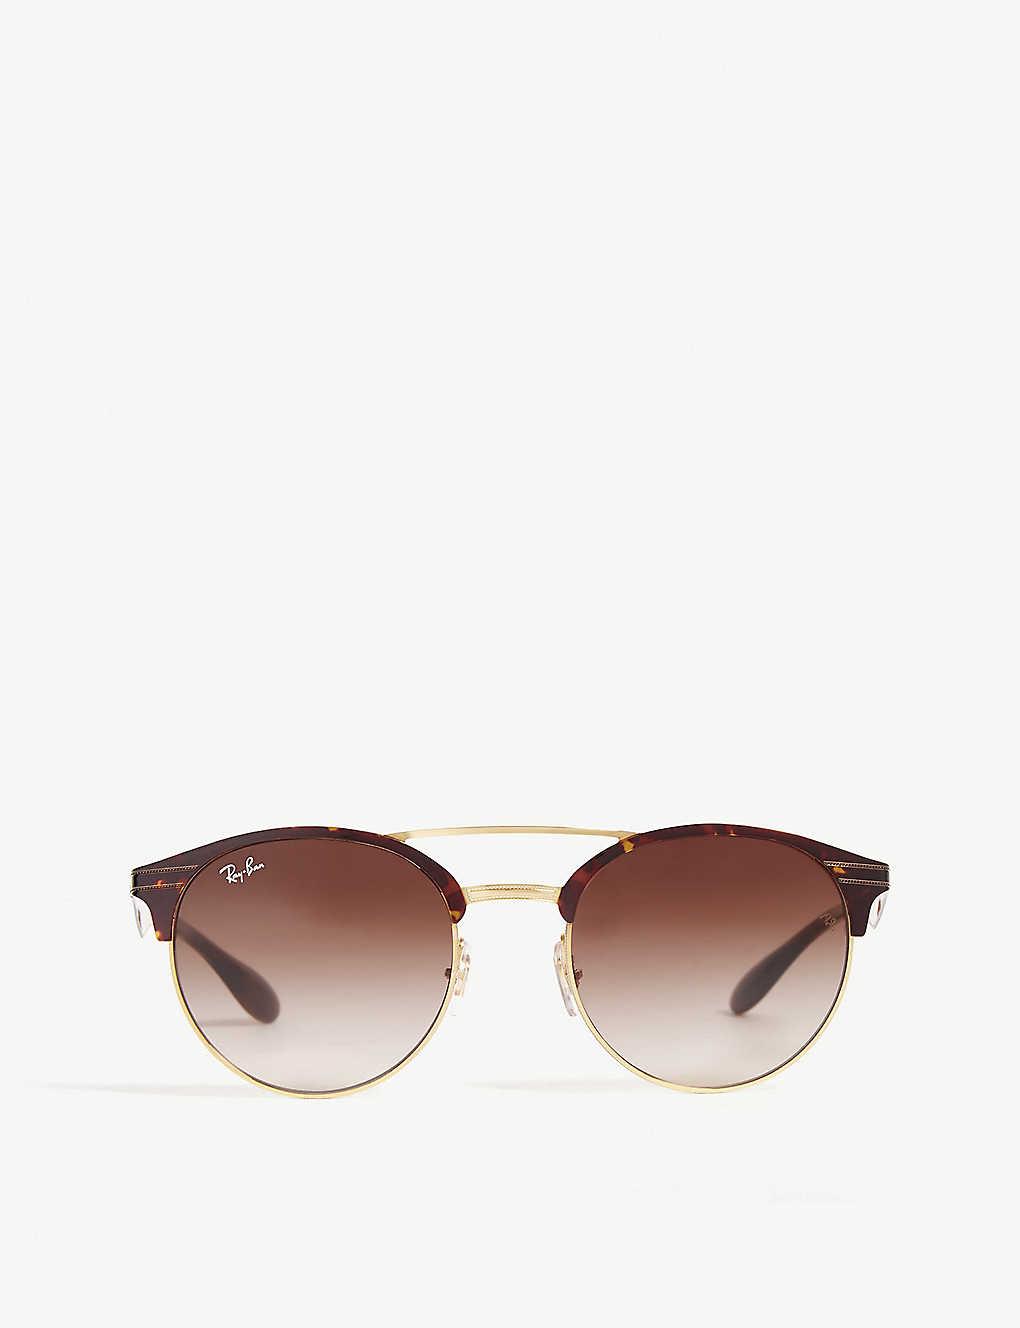 22afb1bf56 RAY-BAN - RB3545 phantos-frame sunglasses